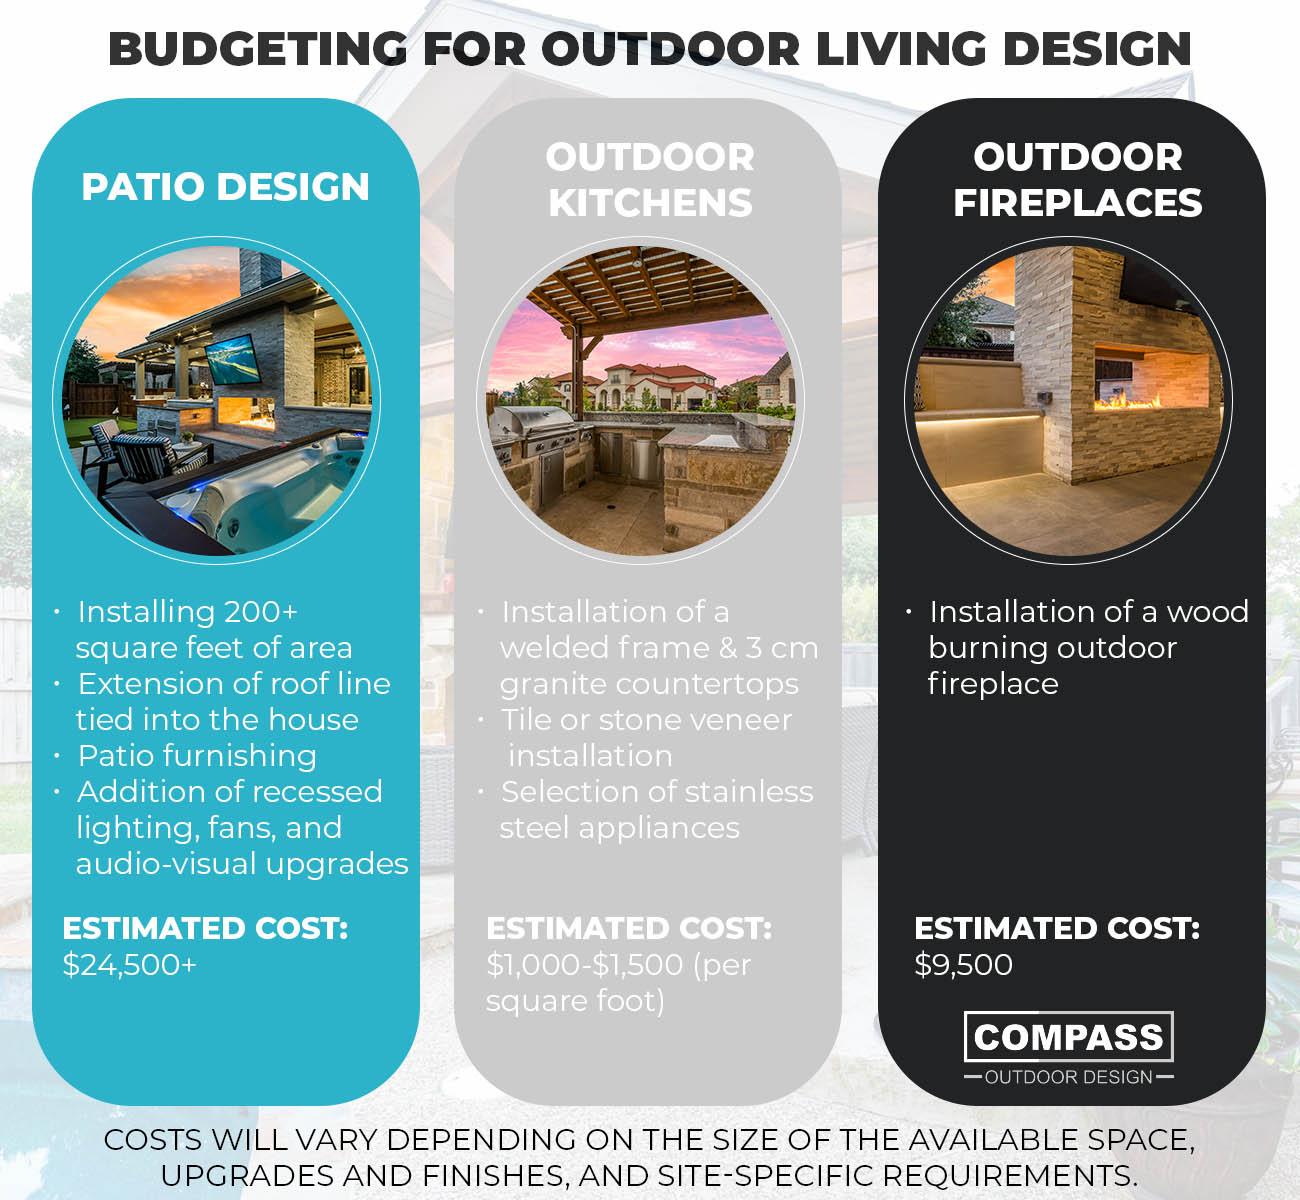 dallas patio design budgeting for